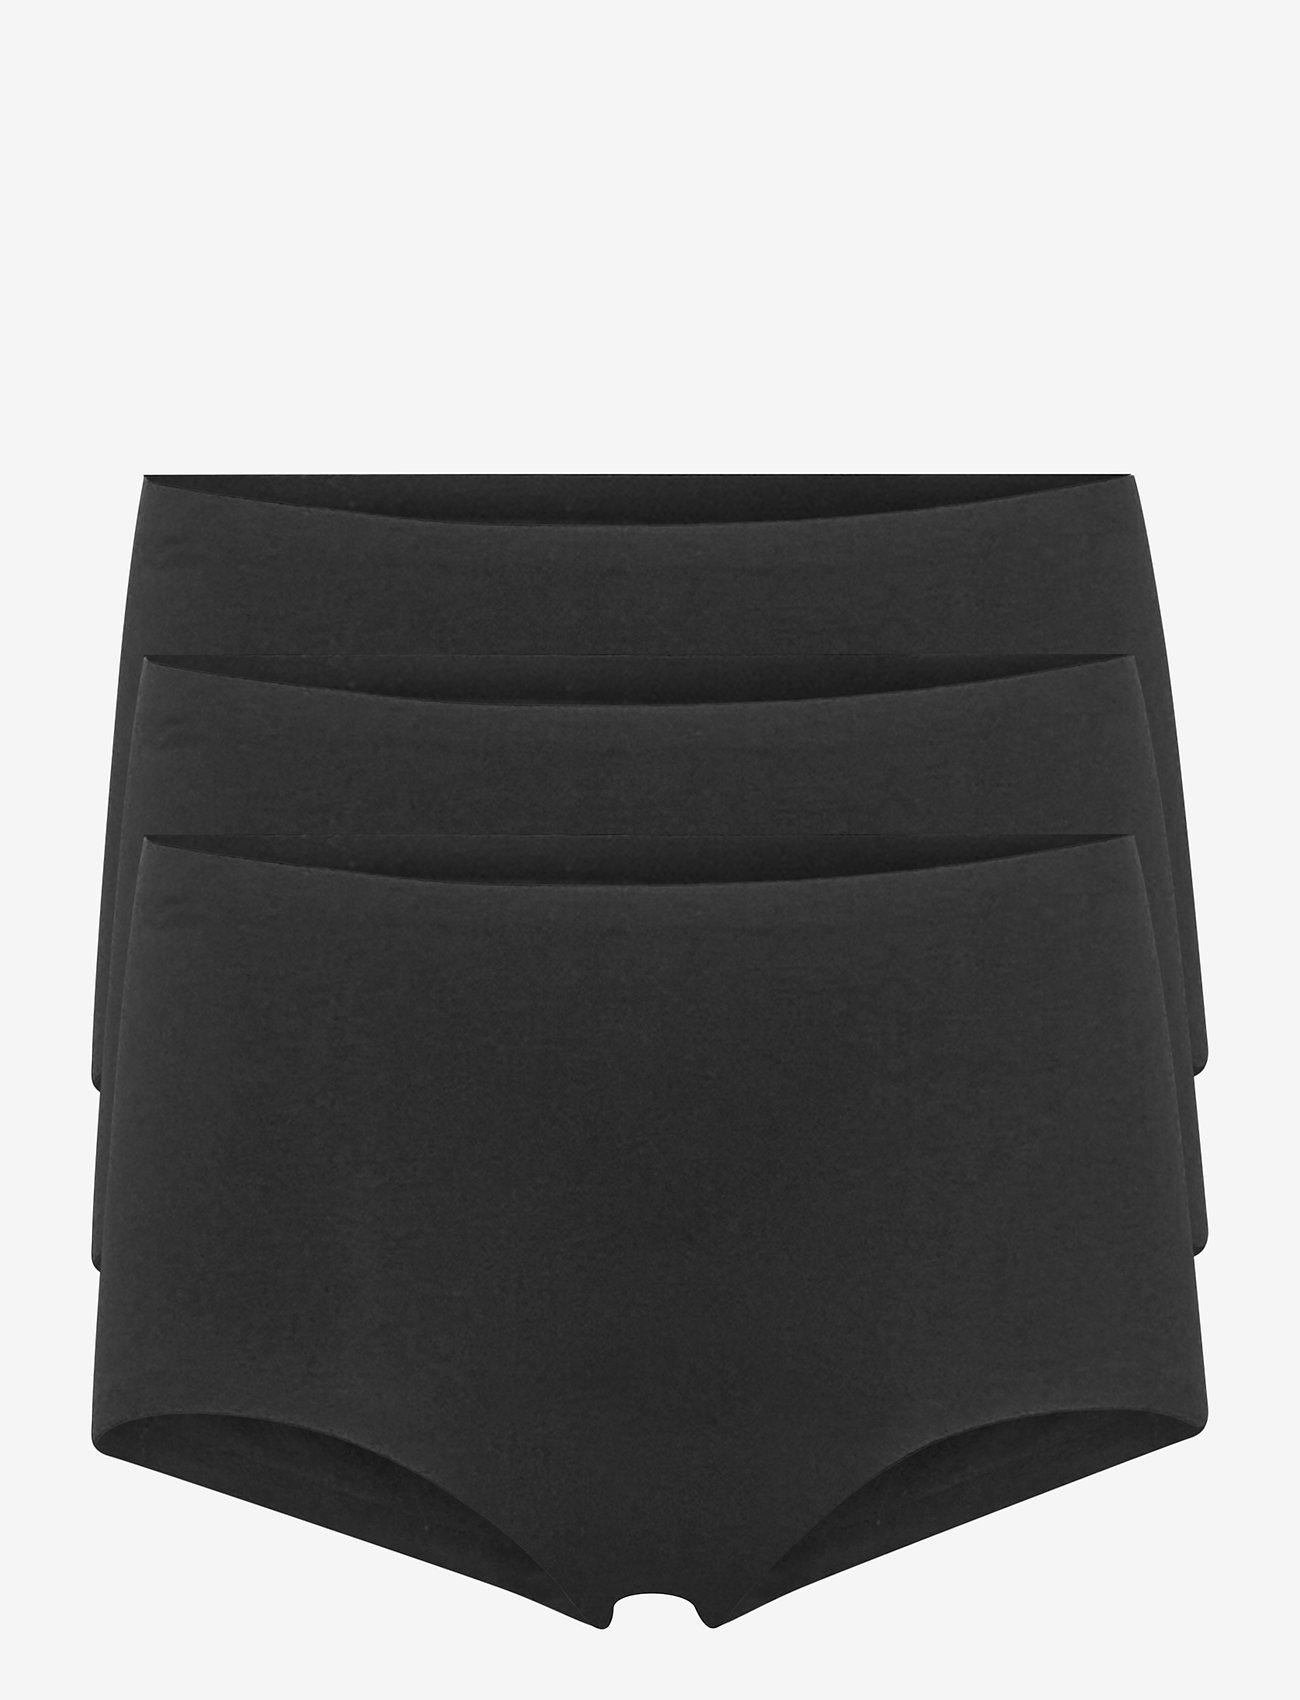 Schiesser - Shorts - unterteile - black - 0